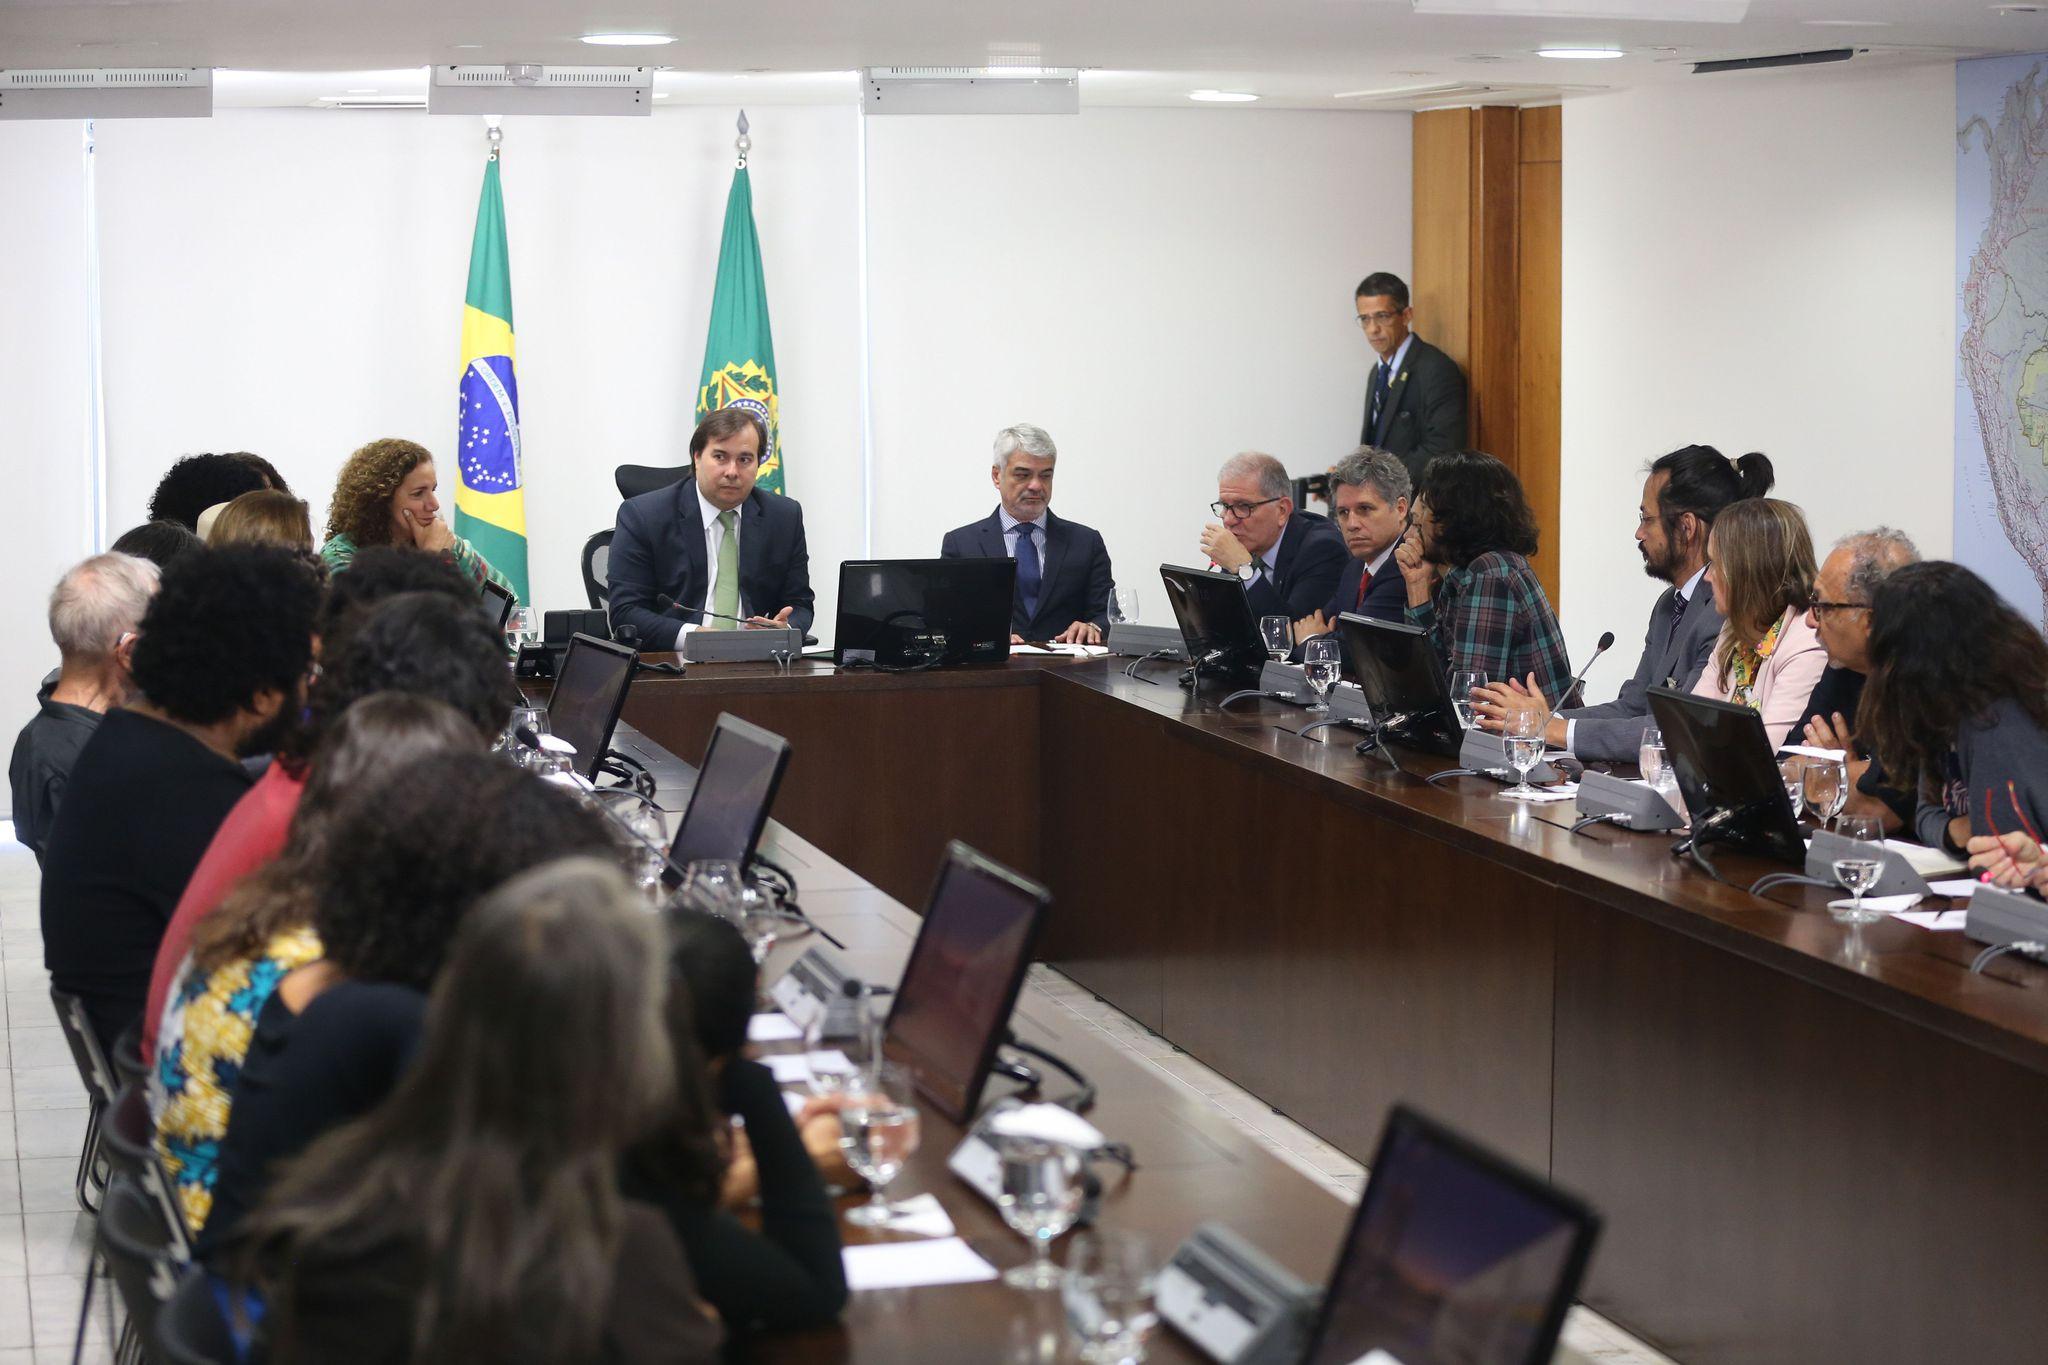 Rodrigo Maia, presidente da República em exercício, em reunião com artistas e parlamentares